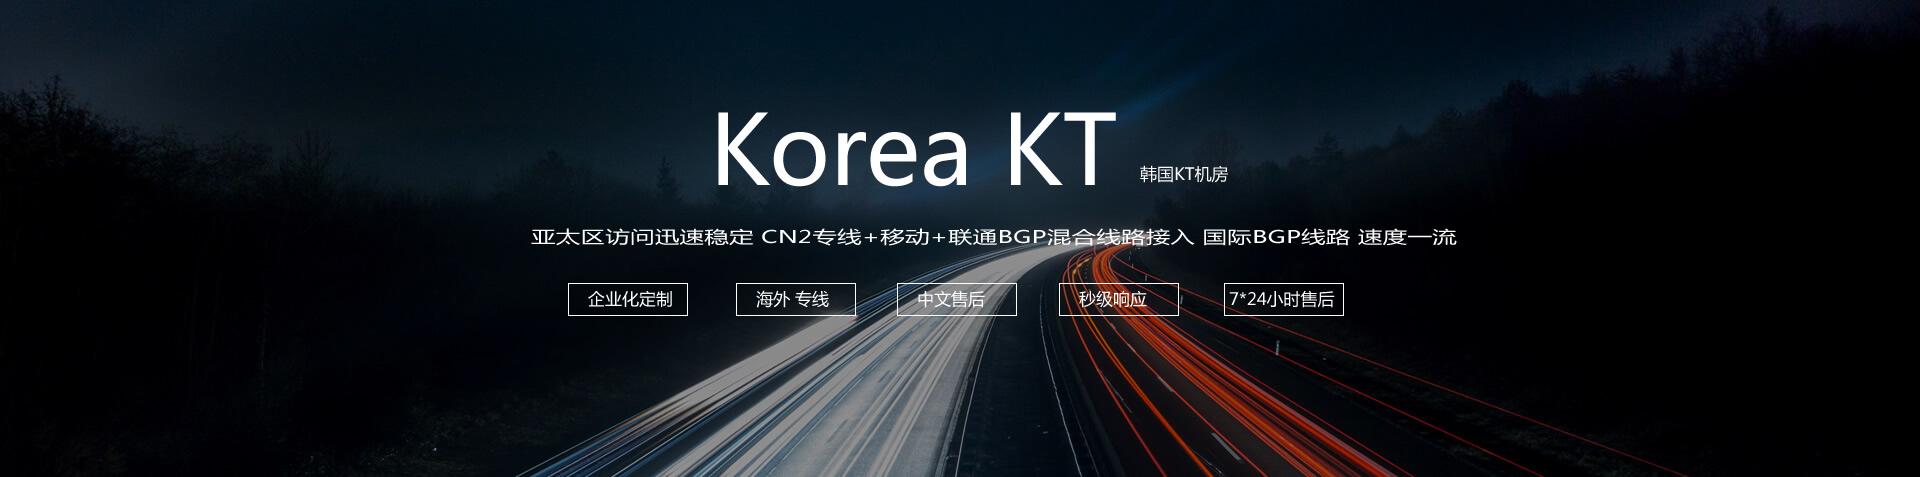 韩国恐怖漫画 清醒器_韩国服务器_服务和连接的外围应用配置器